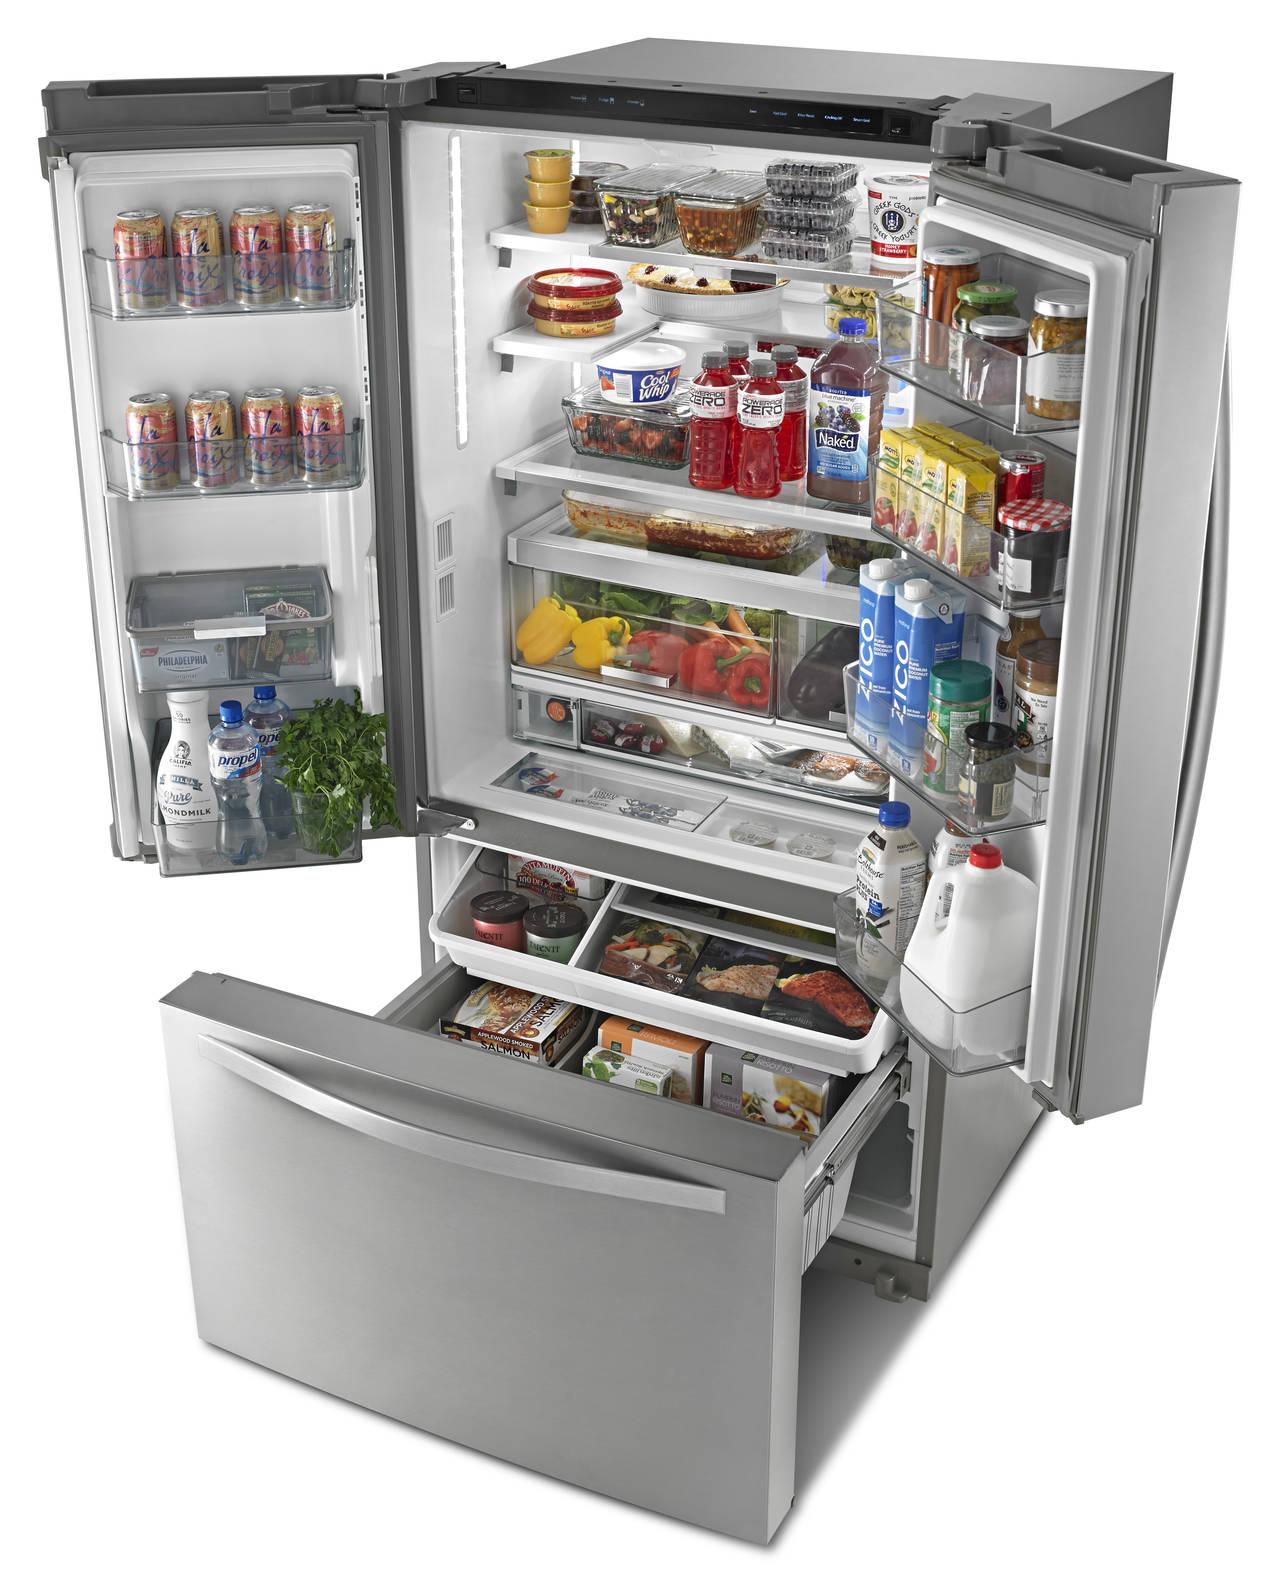 Whirlpool® Smart French Door Bottom Mount Refrigerator è il frigorifero connesso con la piattaforma Works with Nest che consente alle famiglie di mantenere costantemente il controllo del proprio elettrodomestico.